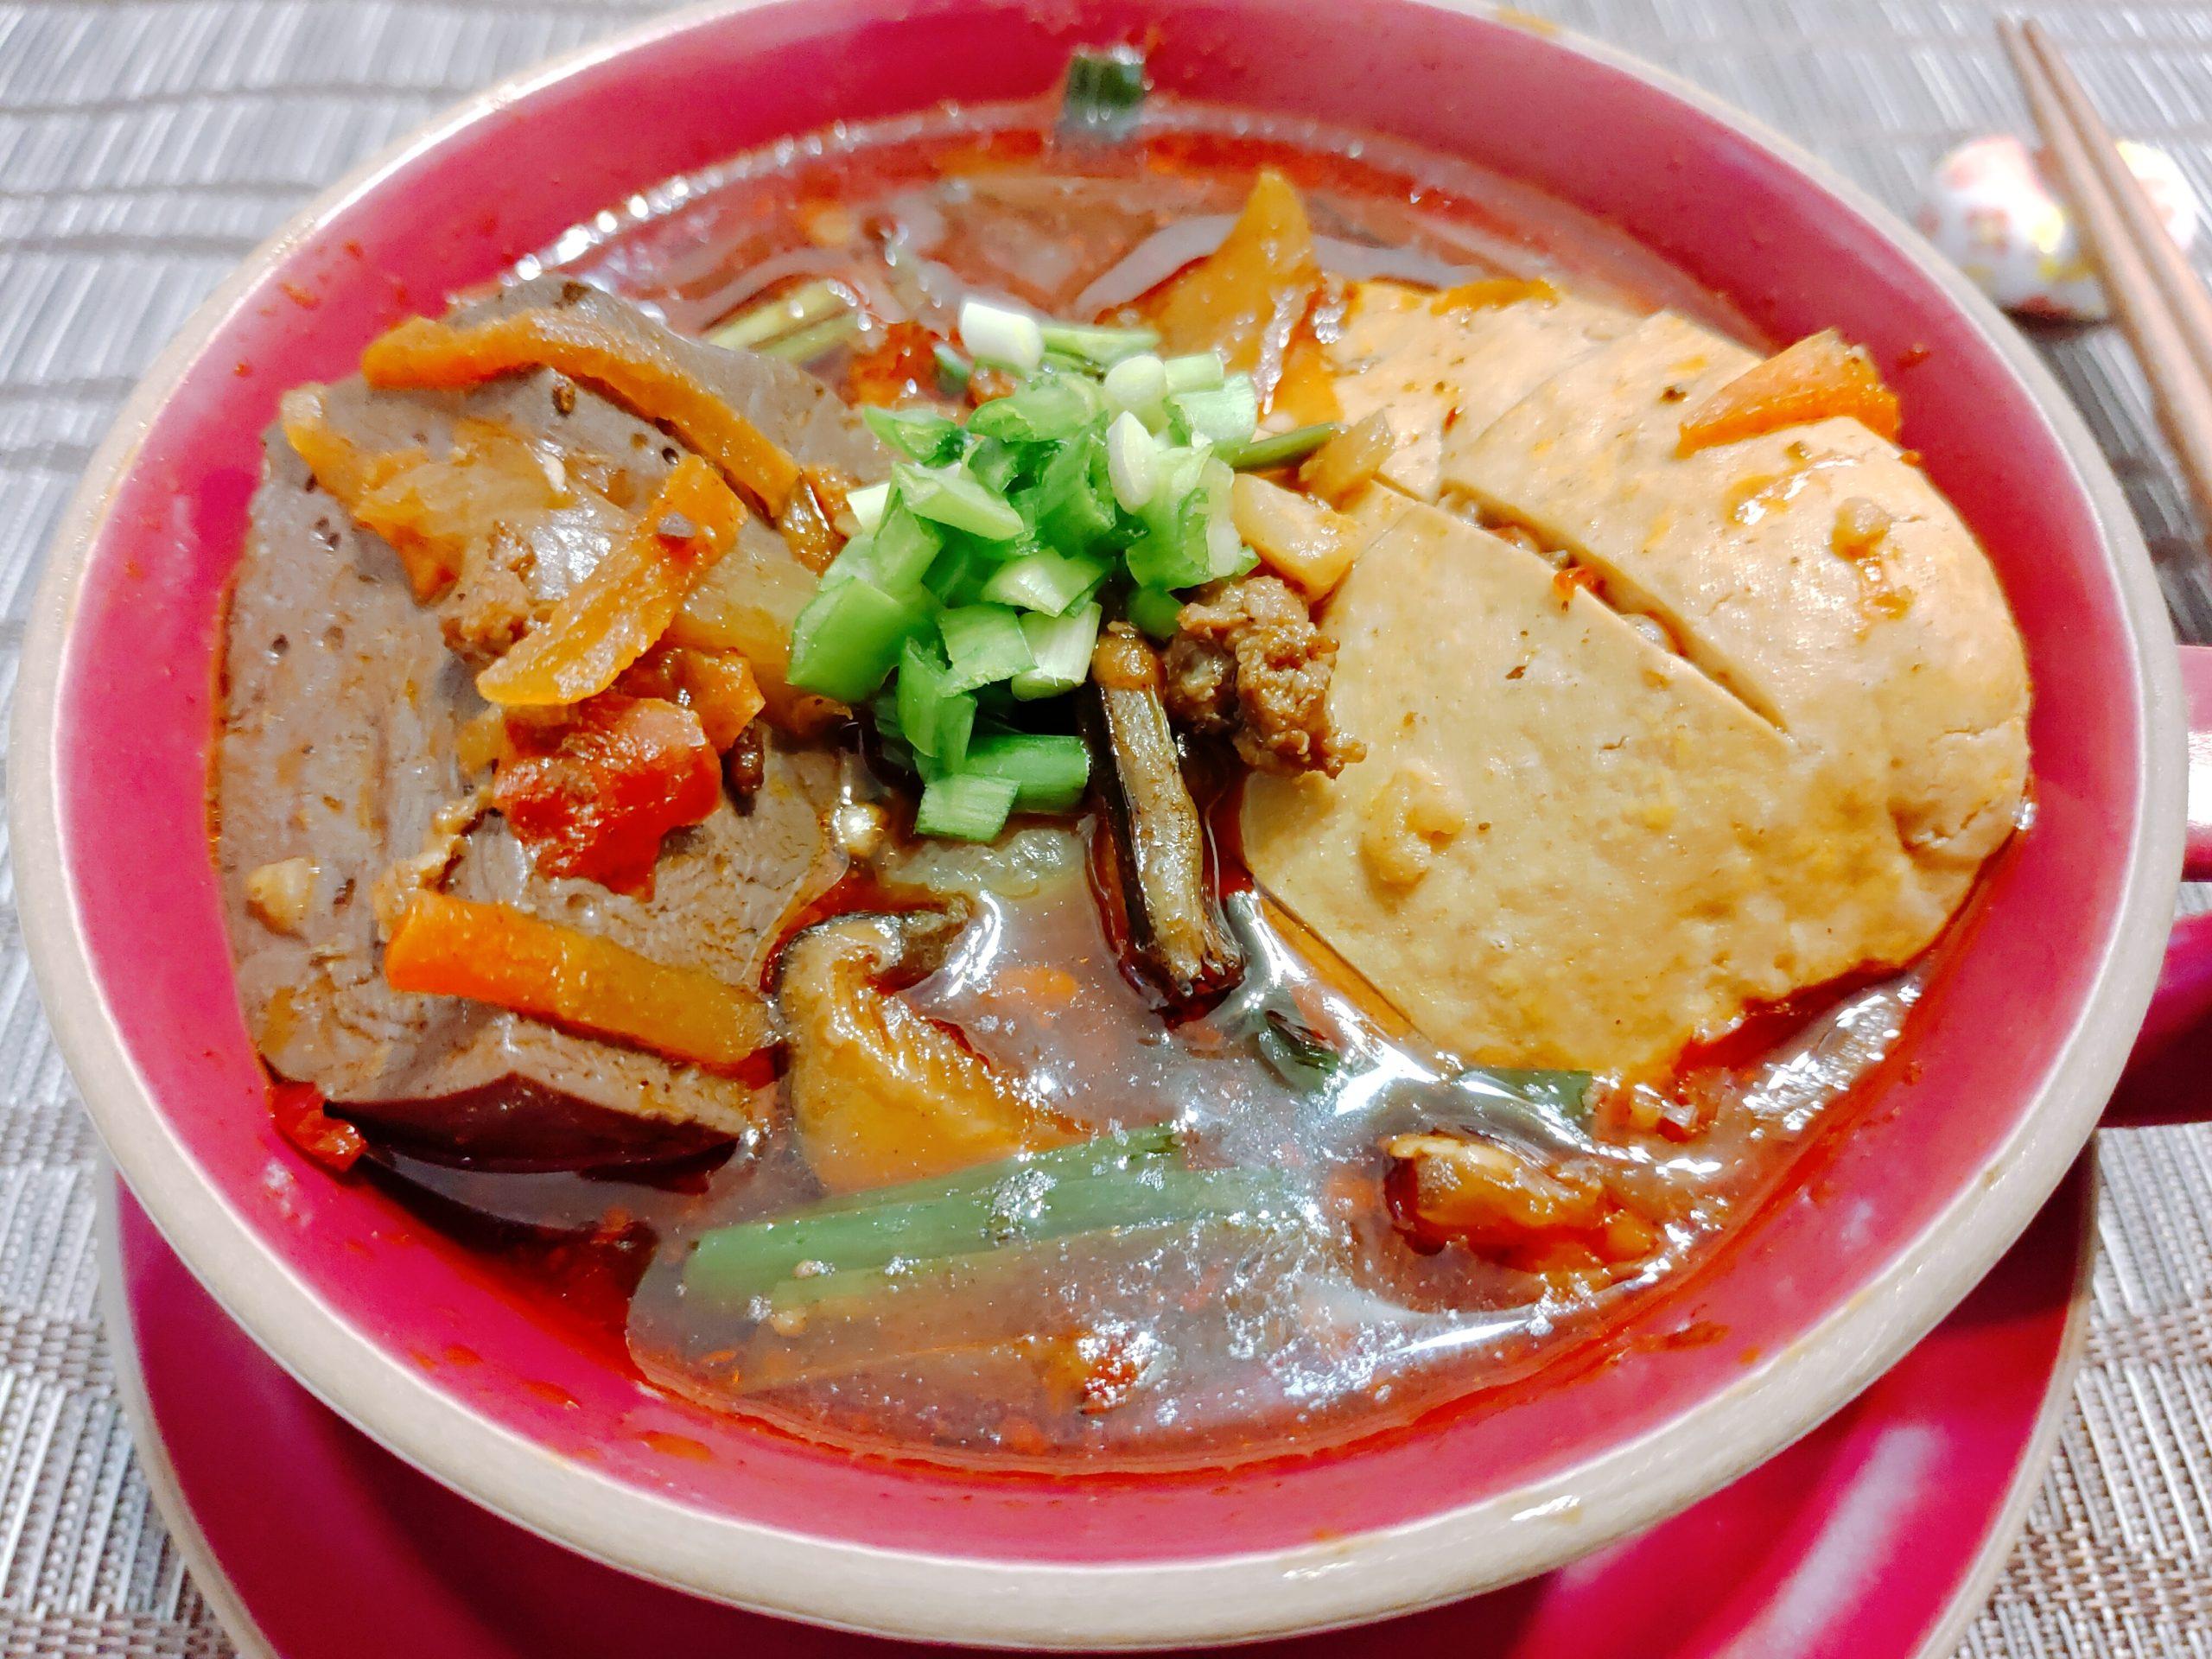 【食譜】麻辣雞血臭豆腐|簡簡單單做,吃起來就超軟嫩